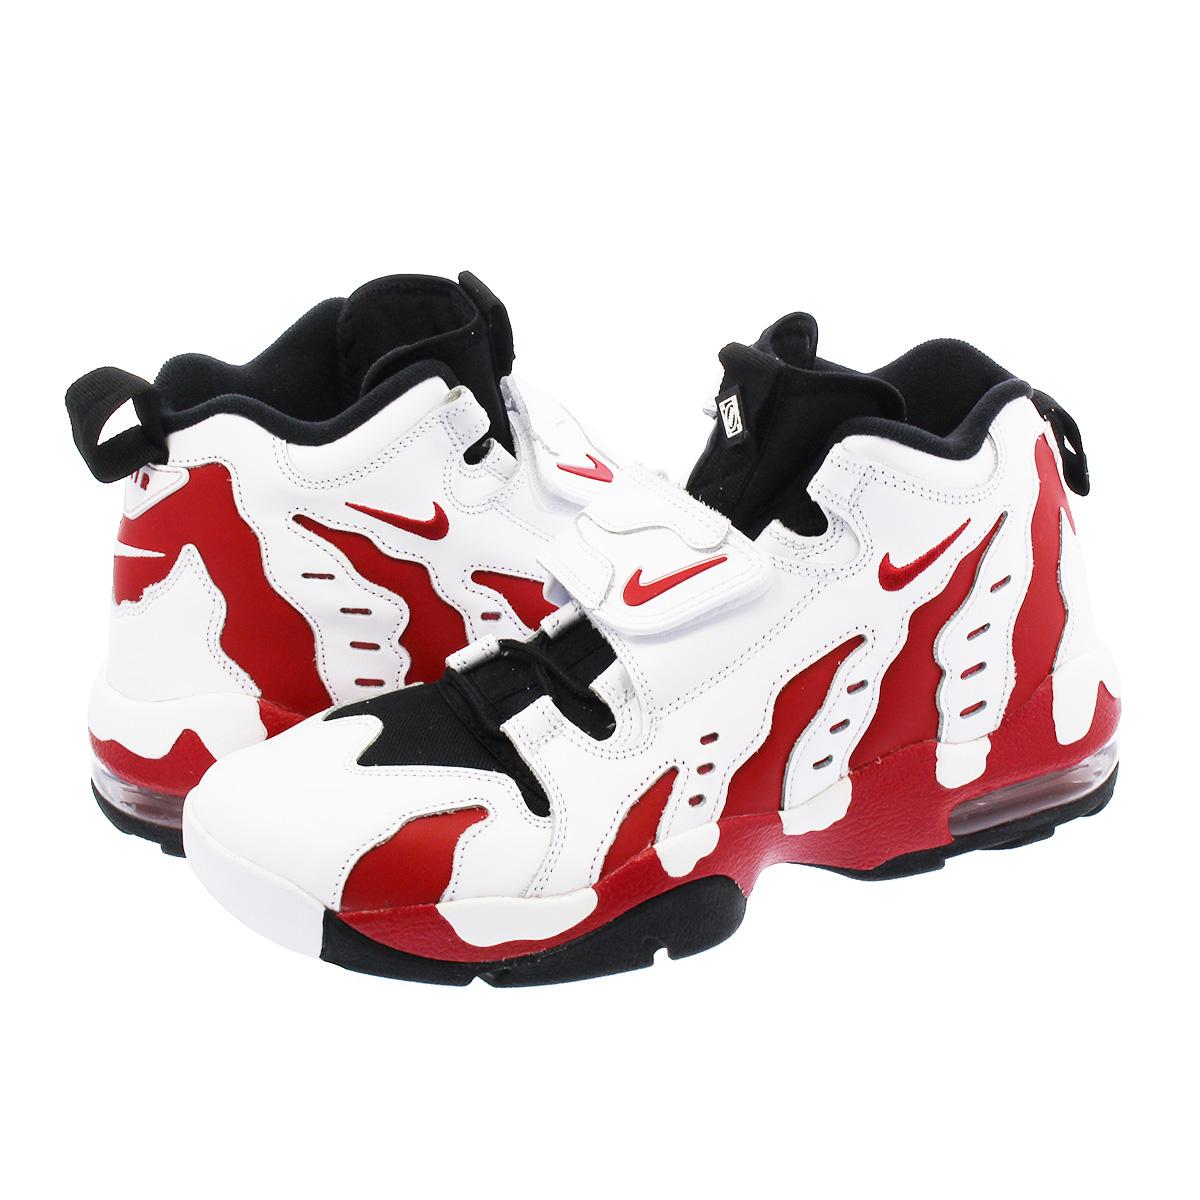 Nike Air DT Max '96 WhiteVarsity Red Black 316408 161